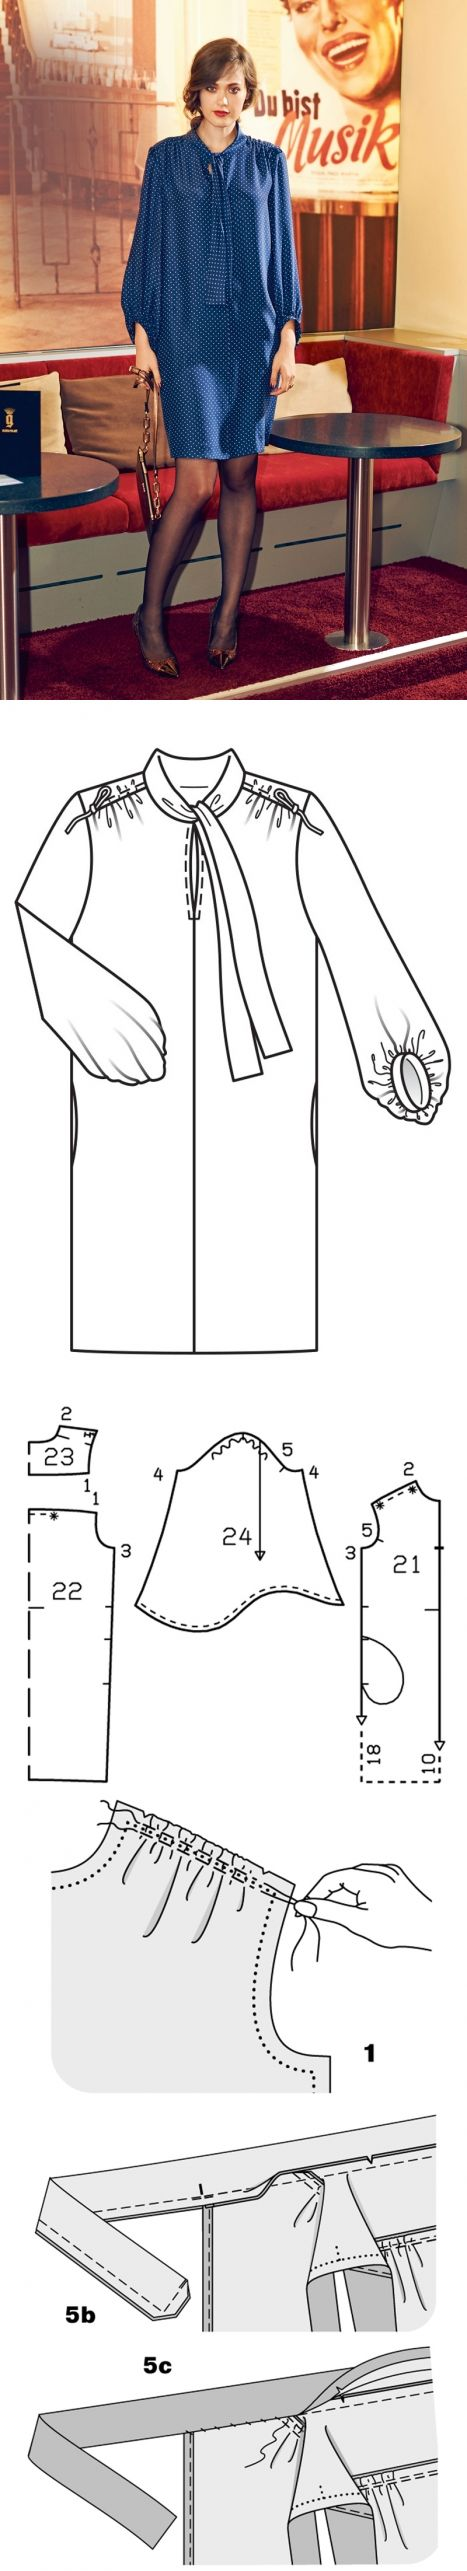 Как Кроить Юбку